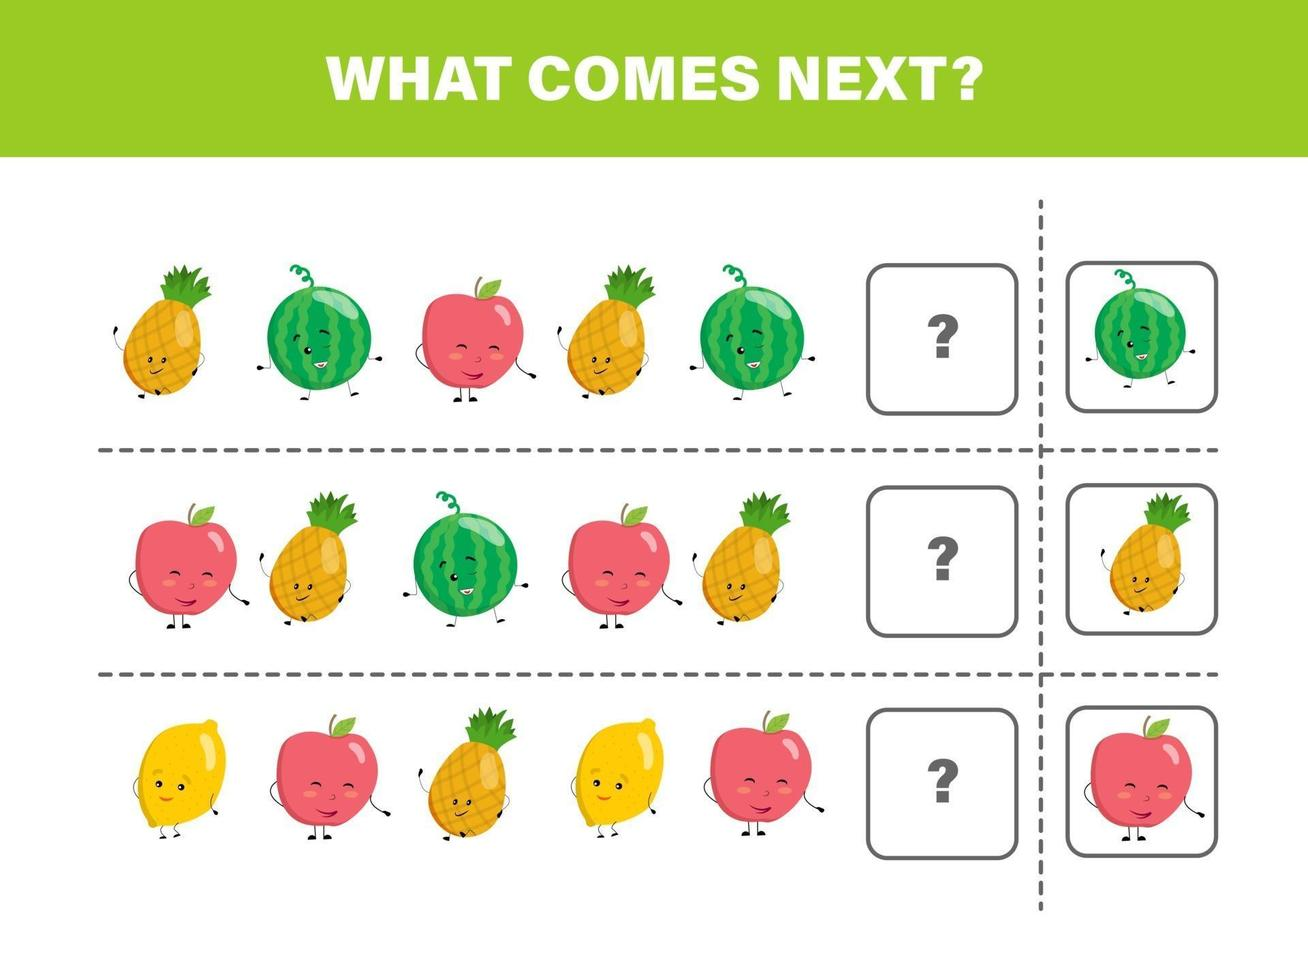 cosa viene dopo con frutti carini. fumetto illustrazione vettoriale. foglio di lavoro logico per bambini. vettore